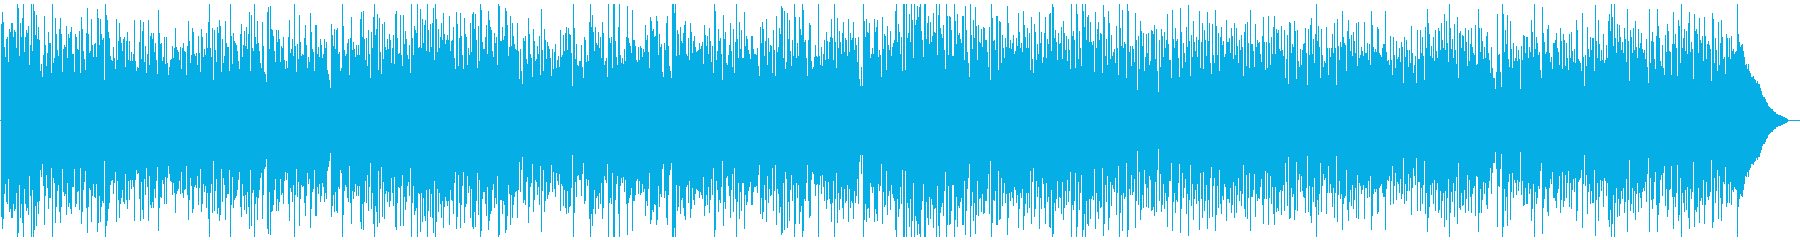 ニューオリンズブギ、ロックンロールの再生済みの波形